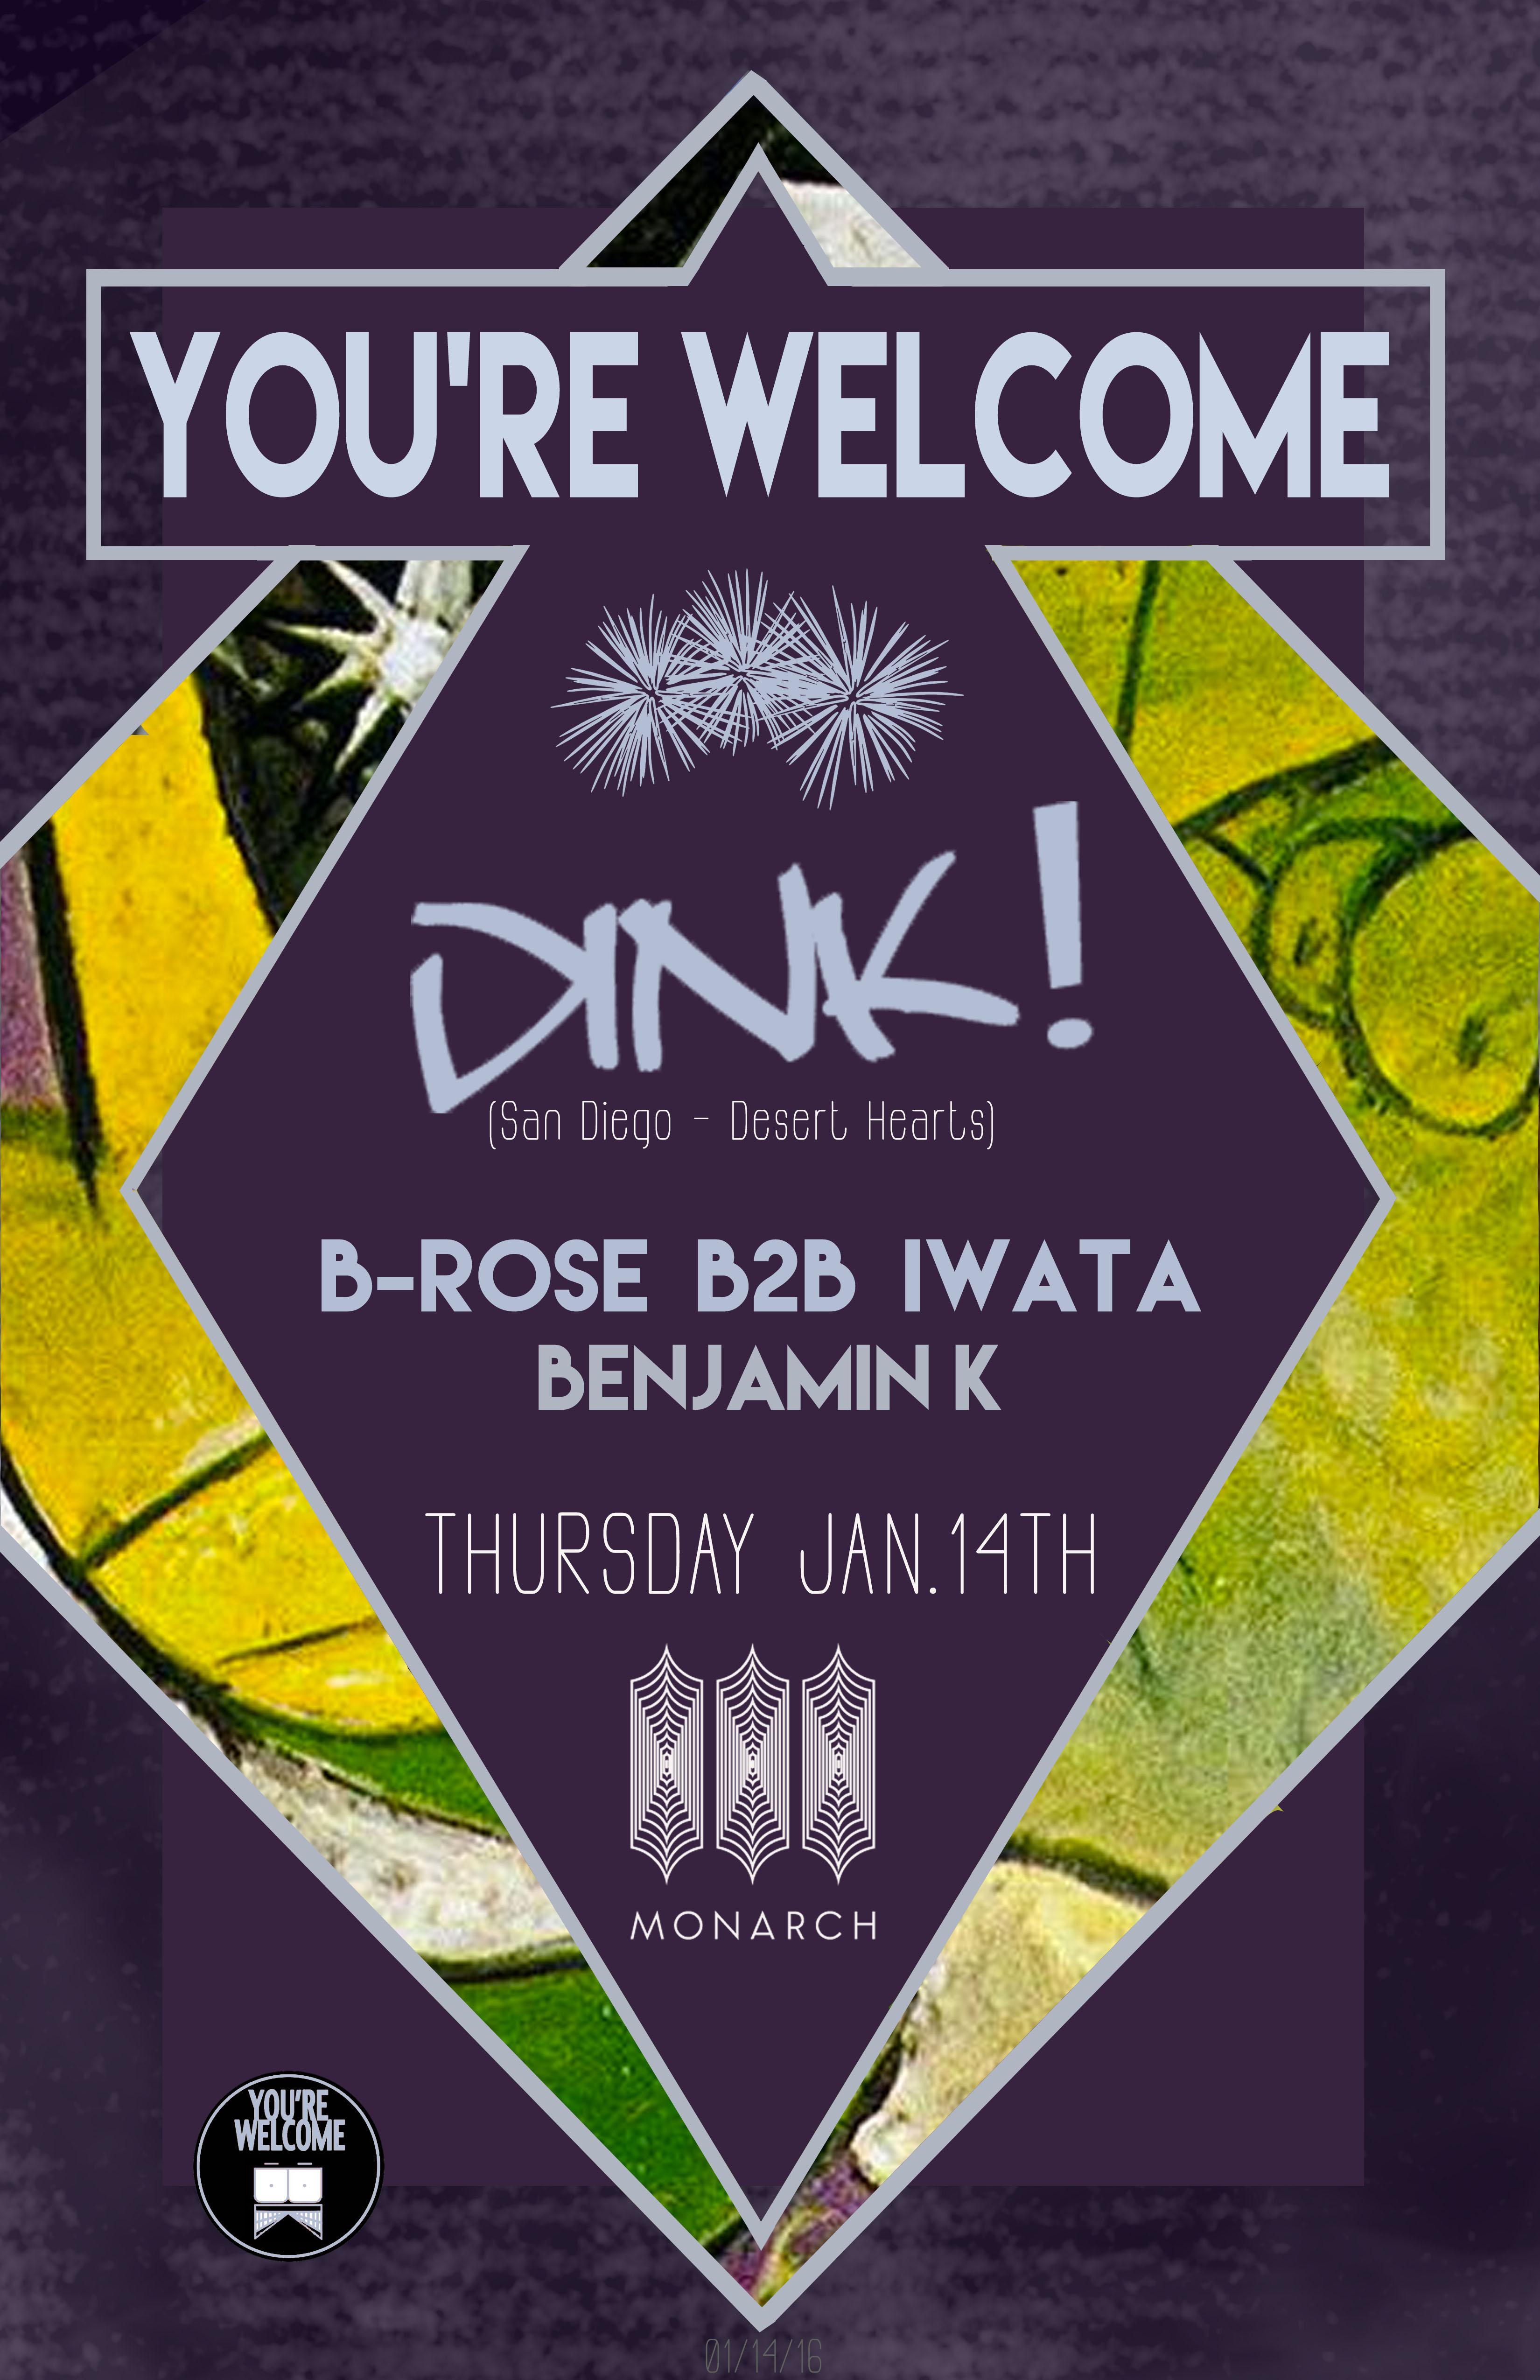 YW-DINK!-1-14-15